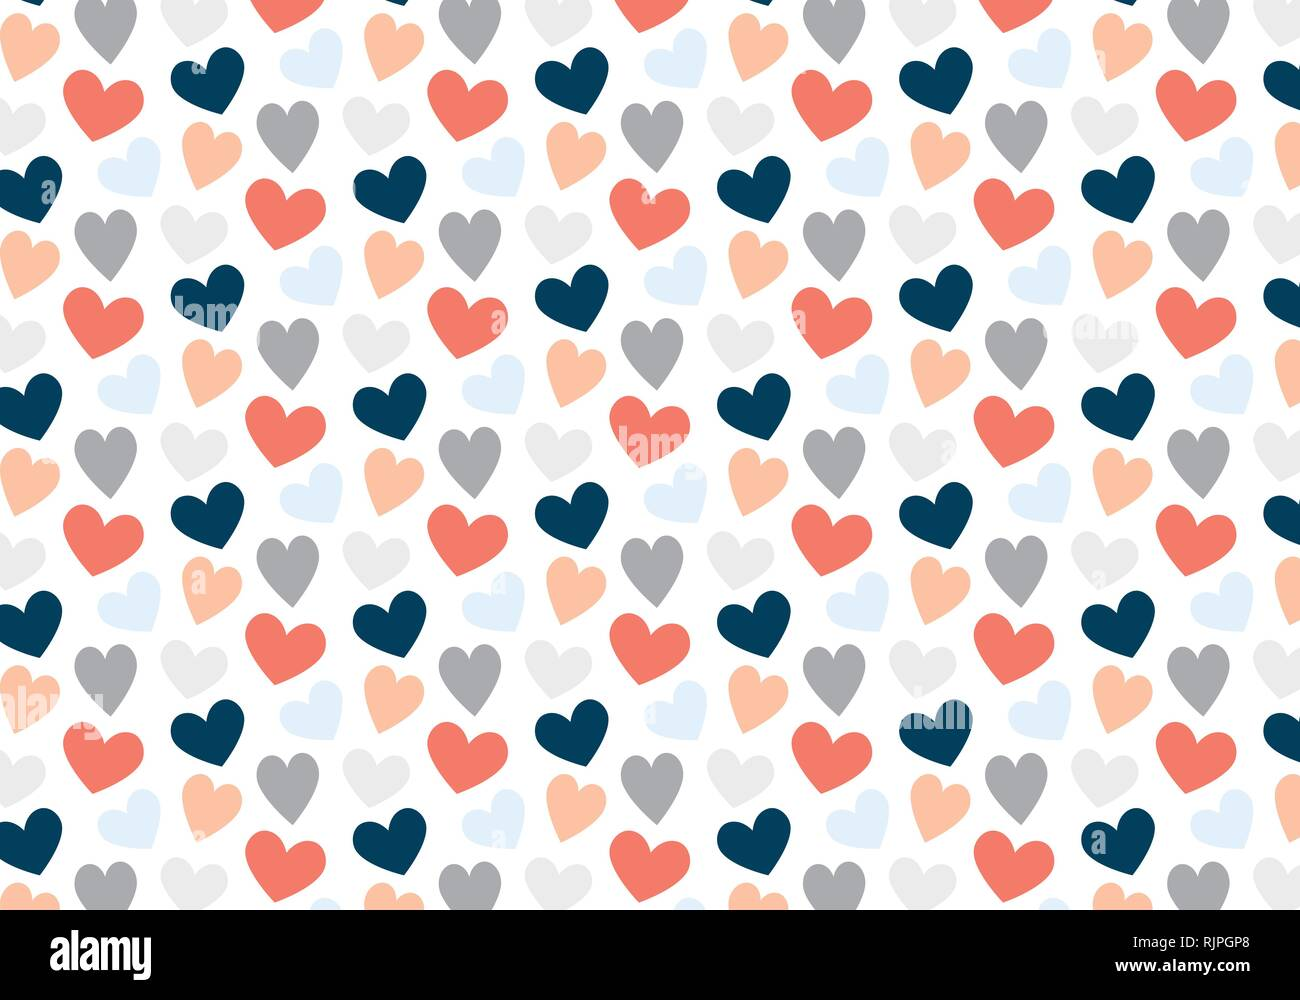 Motif Coeurs Vecteur En Bleu Gris Rouge Et Rose Palette Couleurs